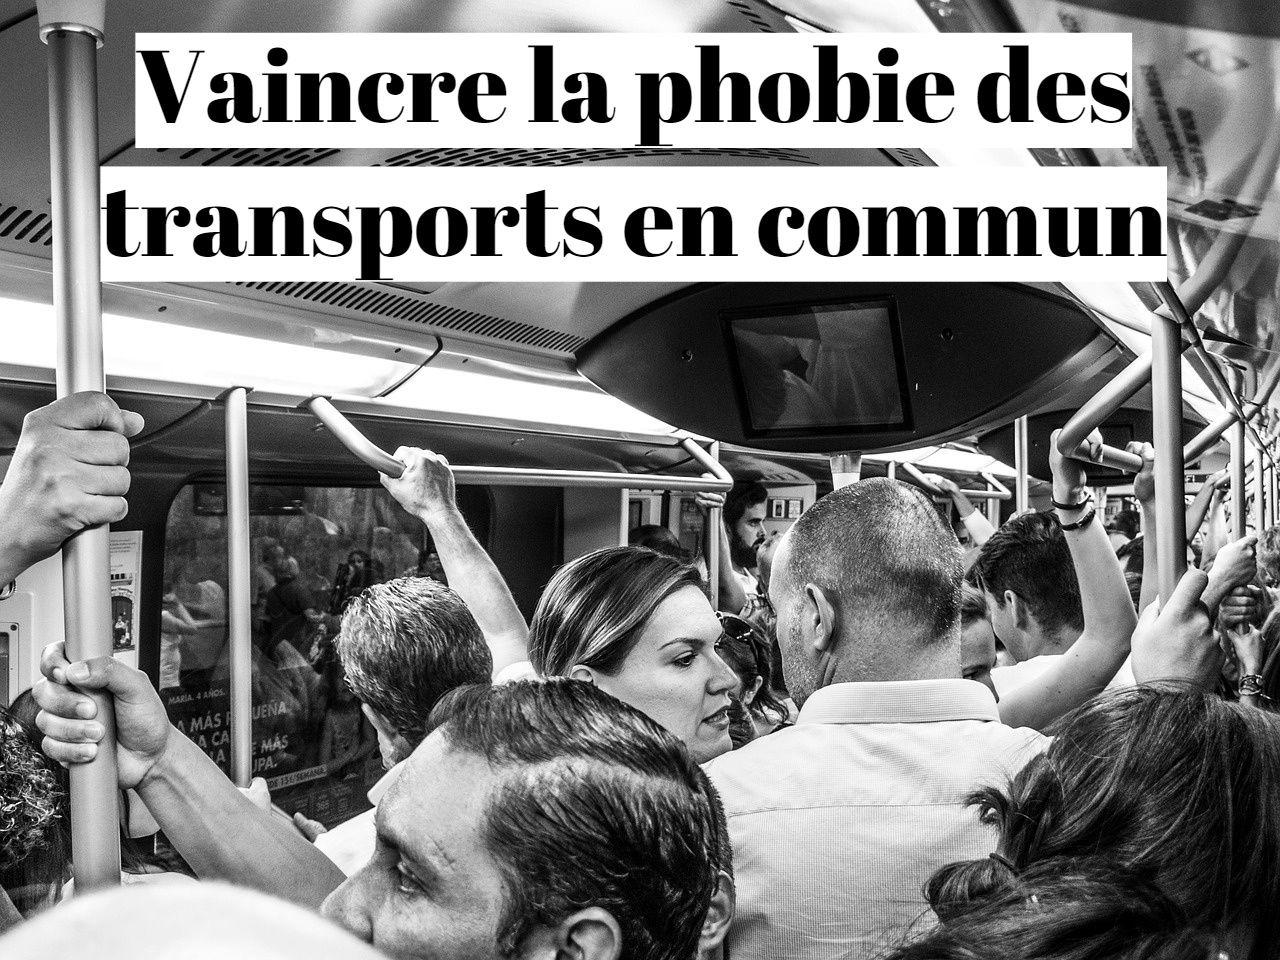 Comment vaincre la phobie des transports en commun?